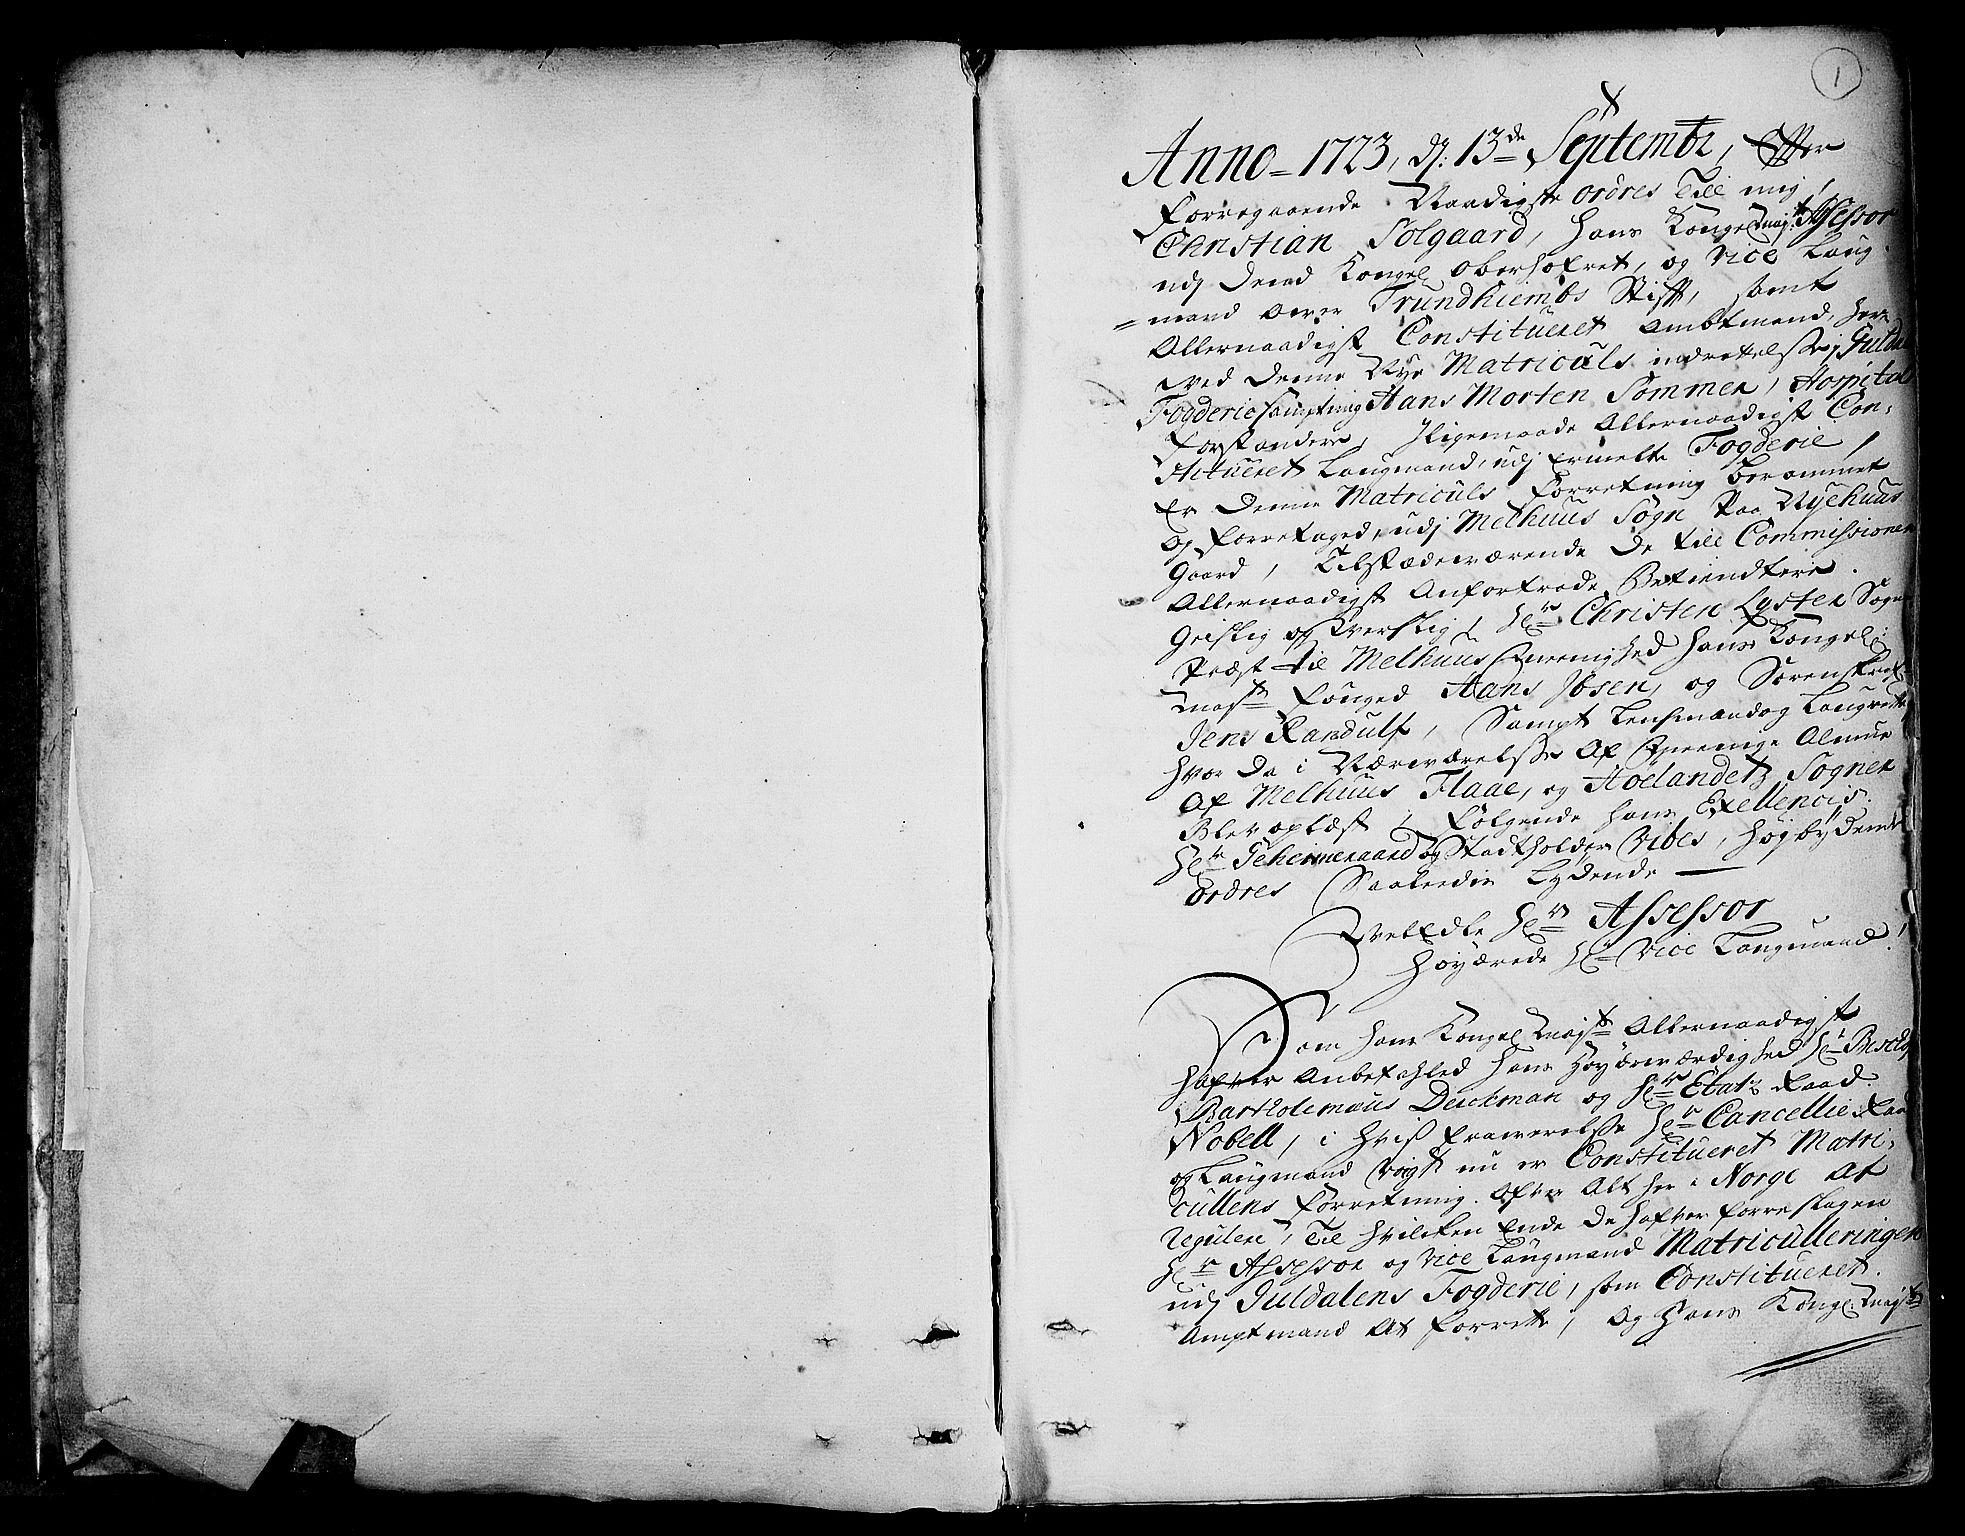 RA, Rentekammeret inntil 1814, Realistisk ordnet avdeling, N/Nb/Nbf/L0158: Gauldal eksaminasjonsprotokoll, 1723, s. 1a